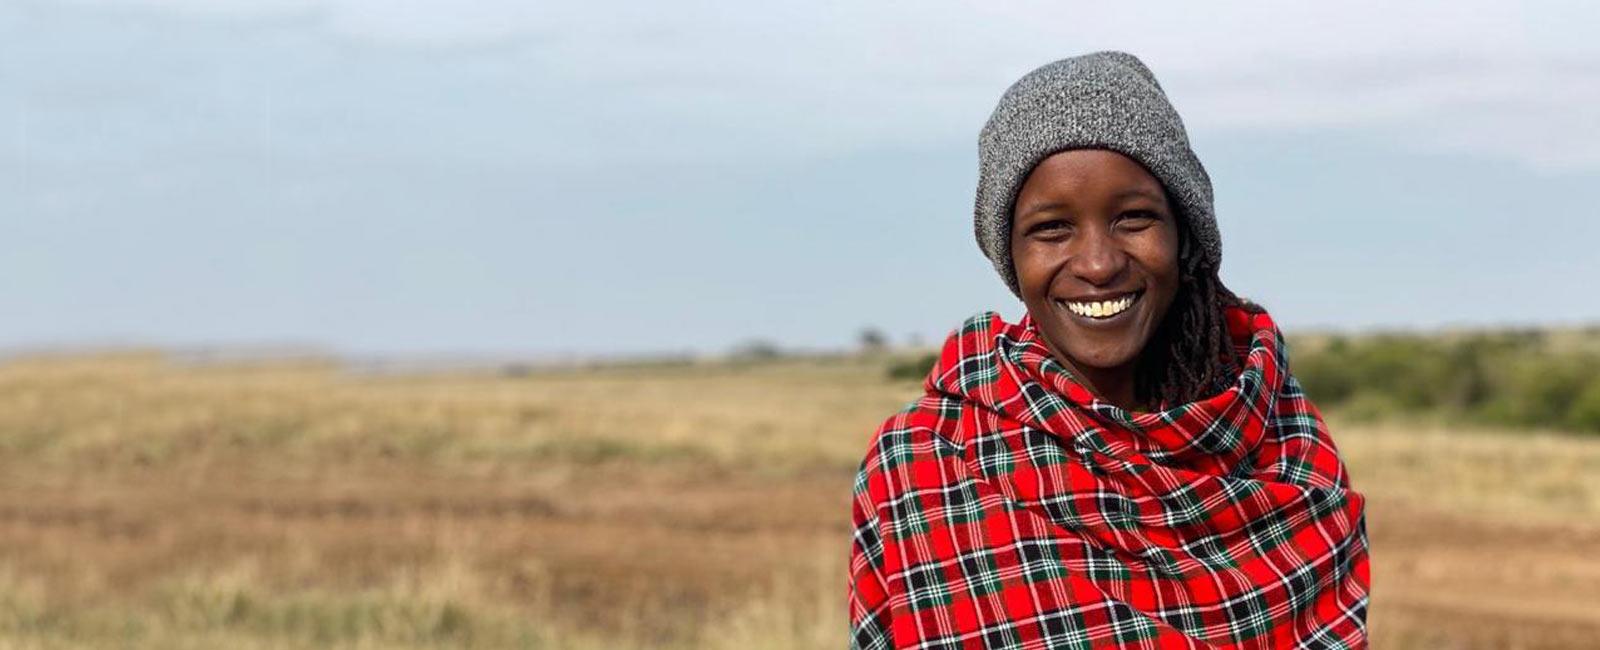 Using Organic to Empower Maasai Girls and Women